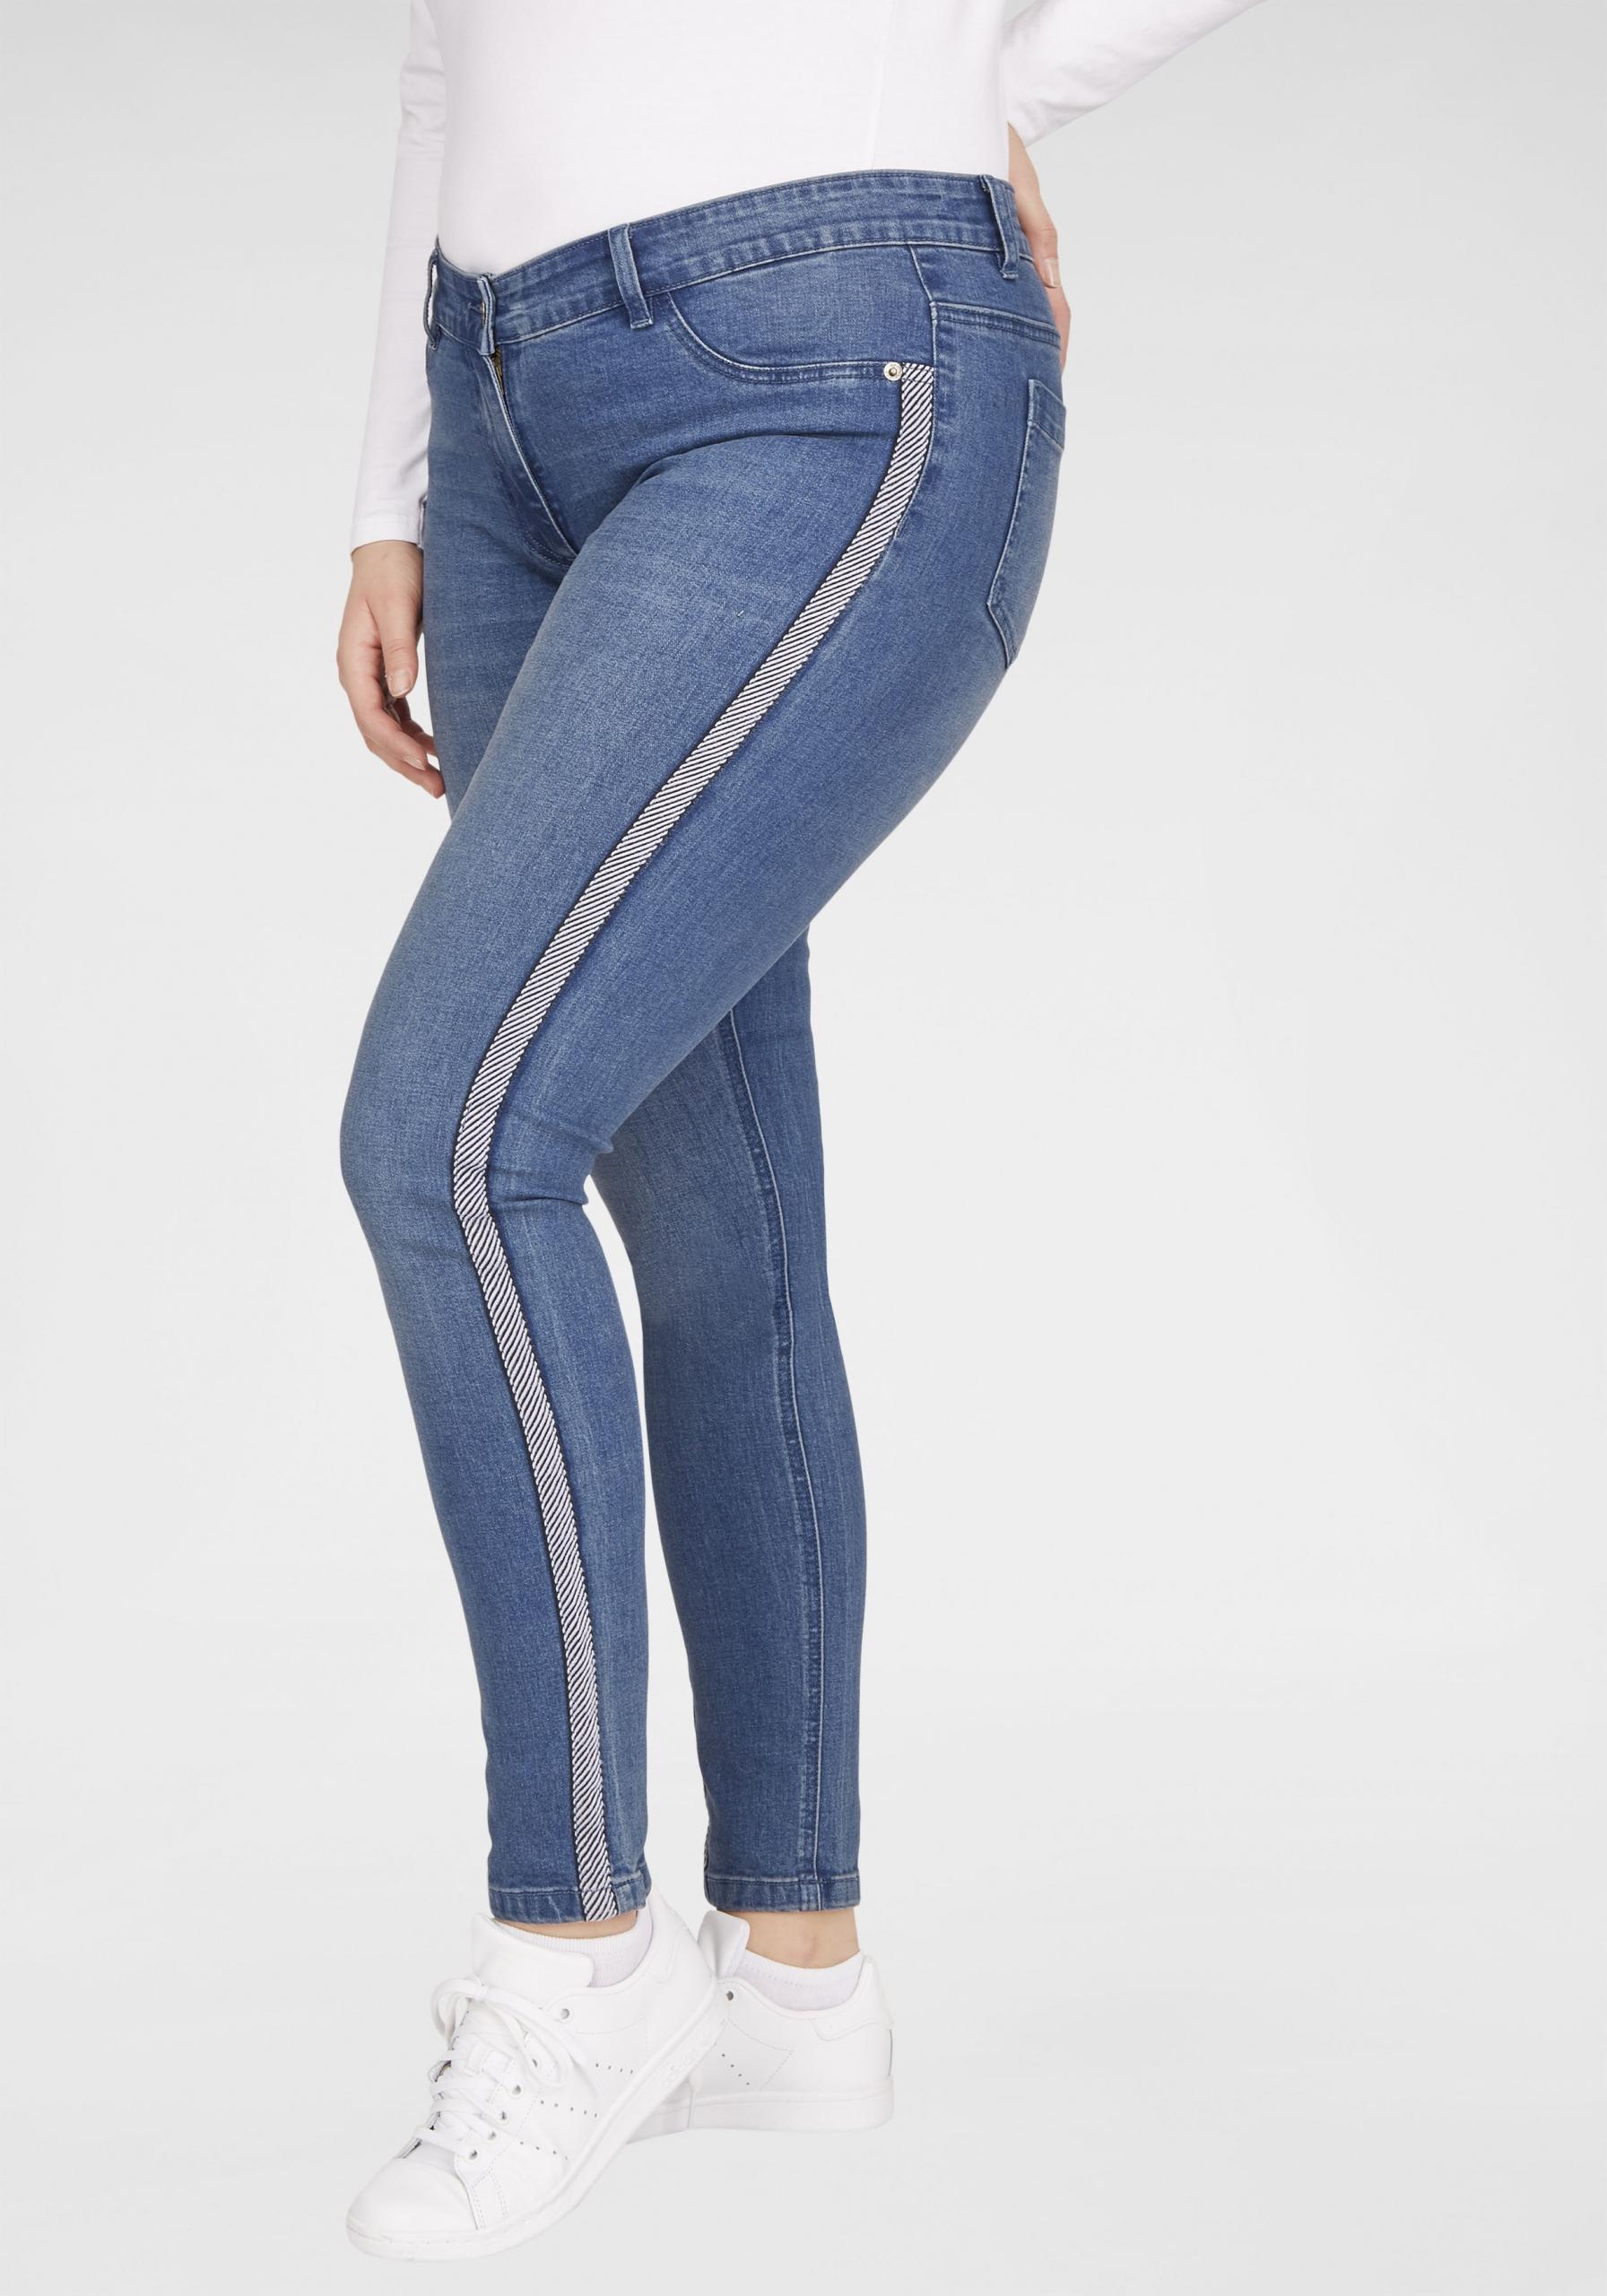 Damen Stretch-Jeans mit Galonstreifen in großen Größen blau